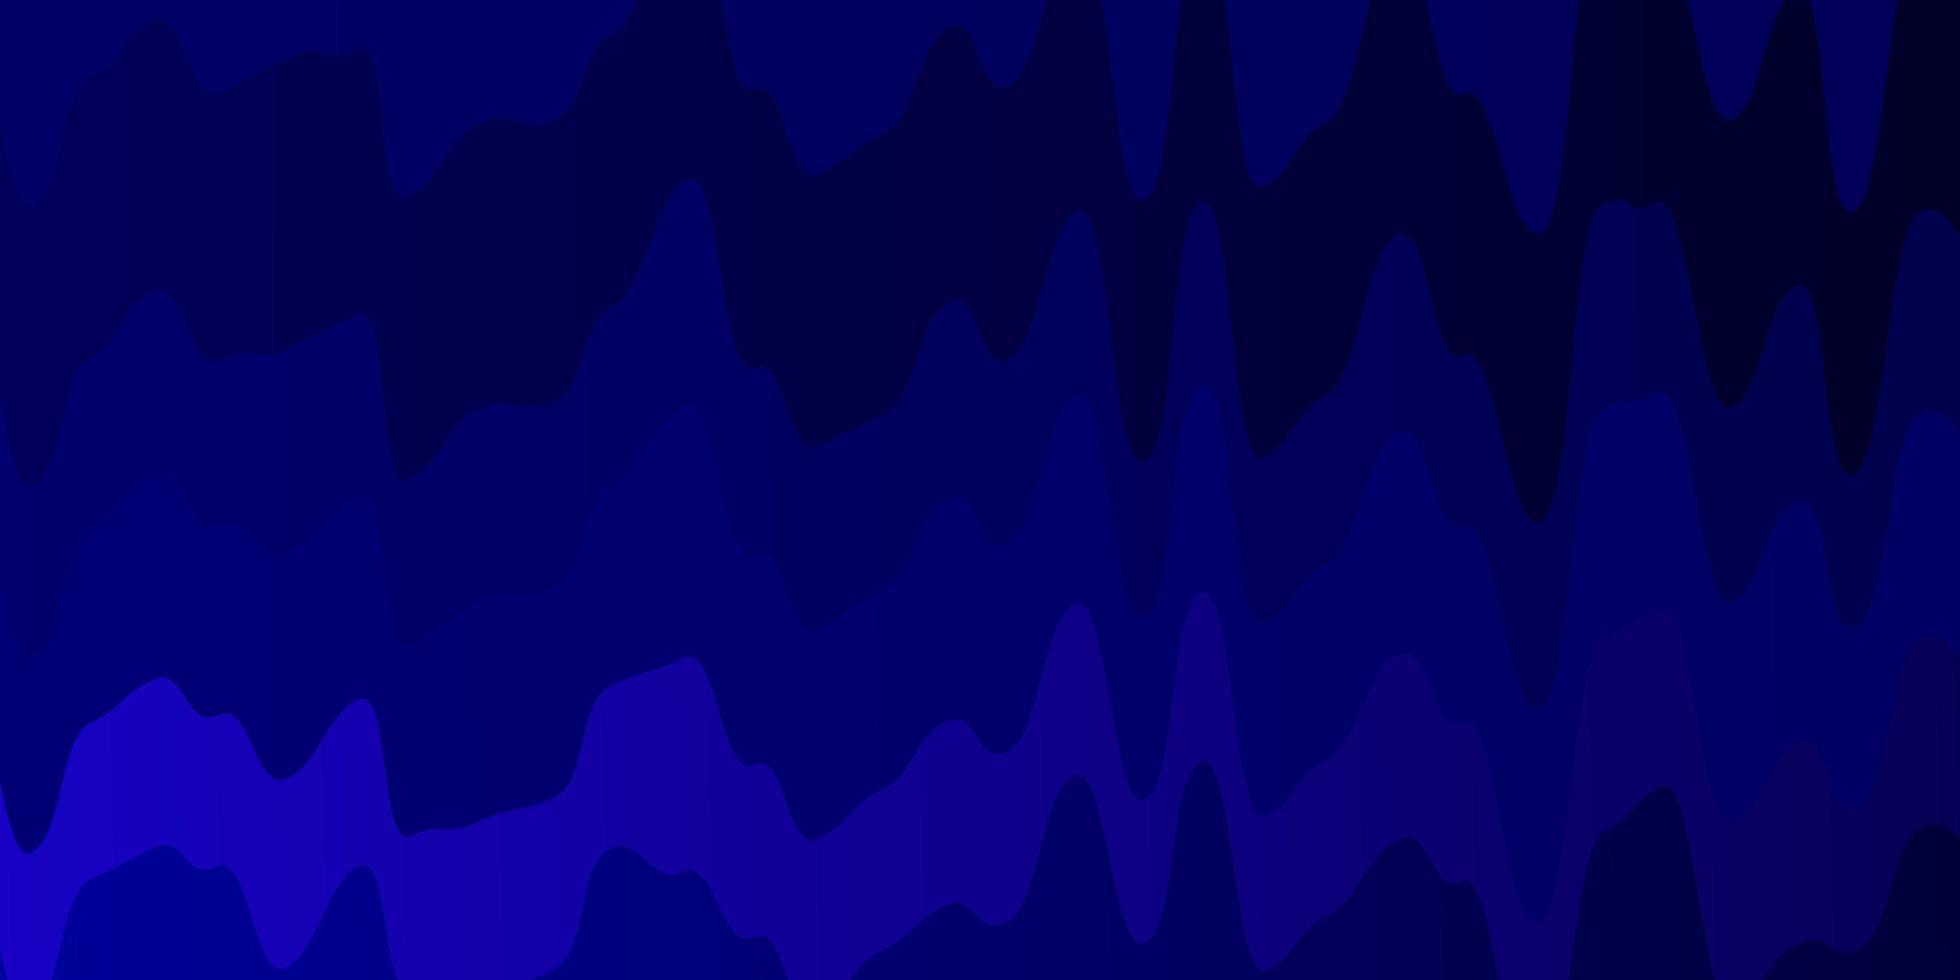 donkerroze, blauwe vector sjabloon met gebogen lijnen.